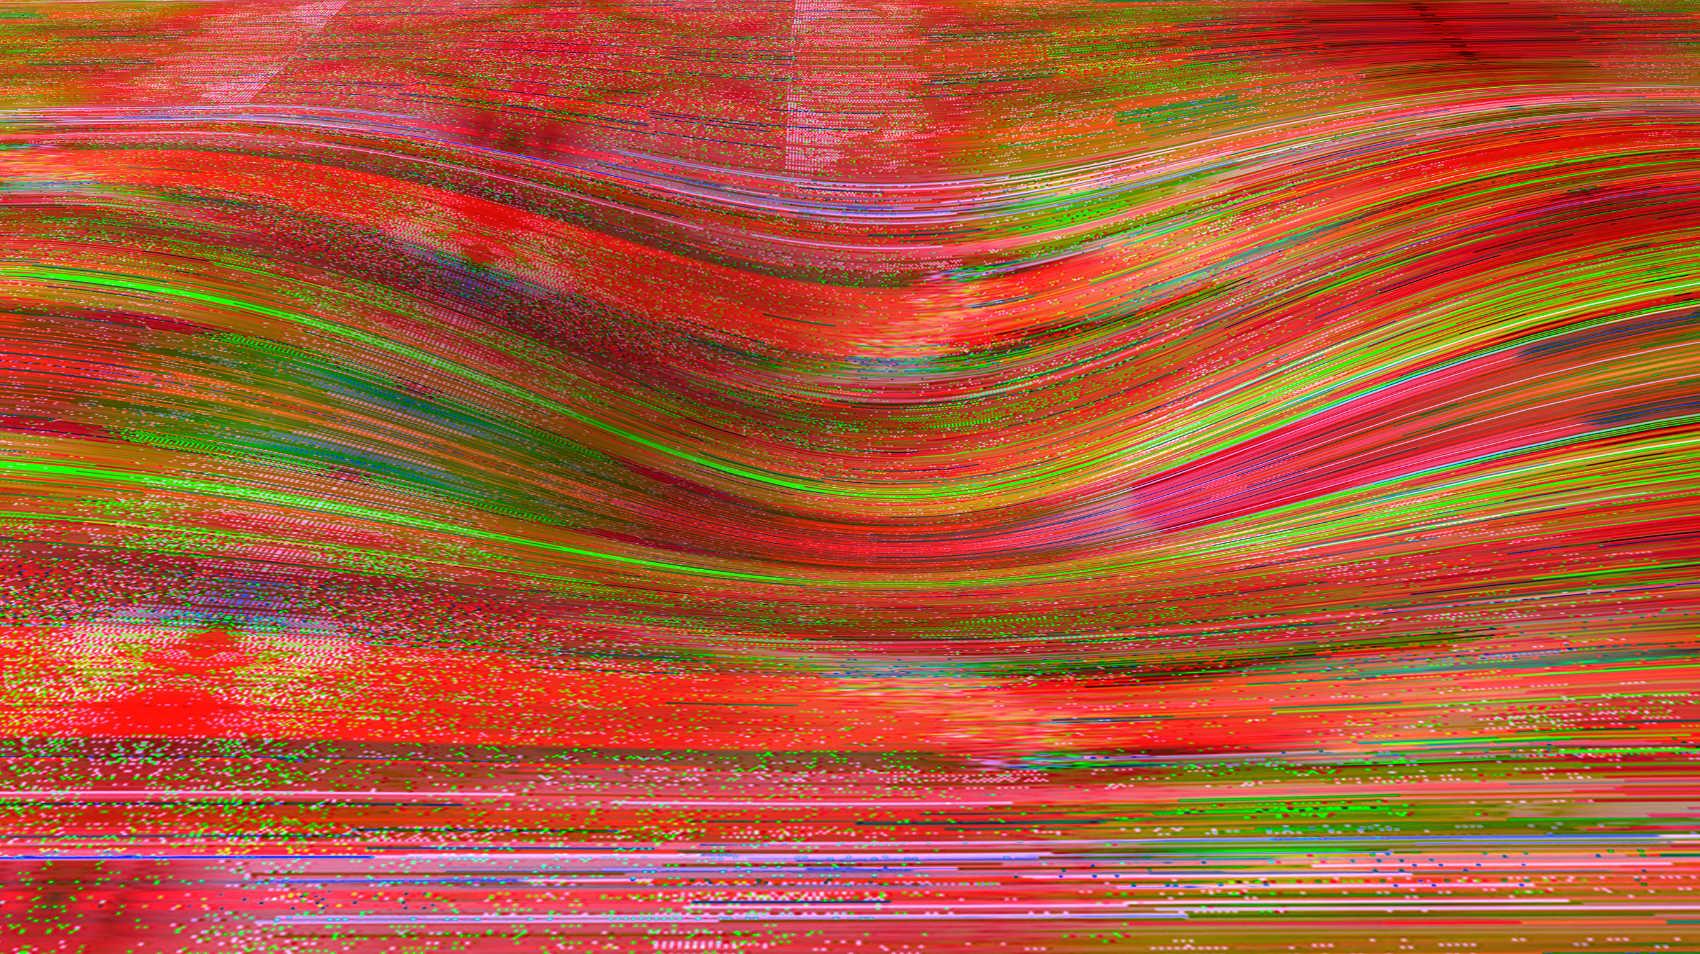 Landslide11, 2017, jet d'encre pigmentaire sur papier Fine Art, 84 x 150 cm